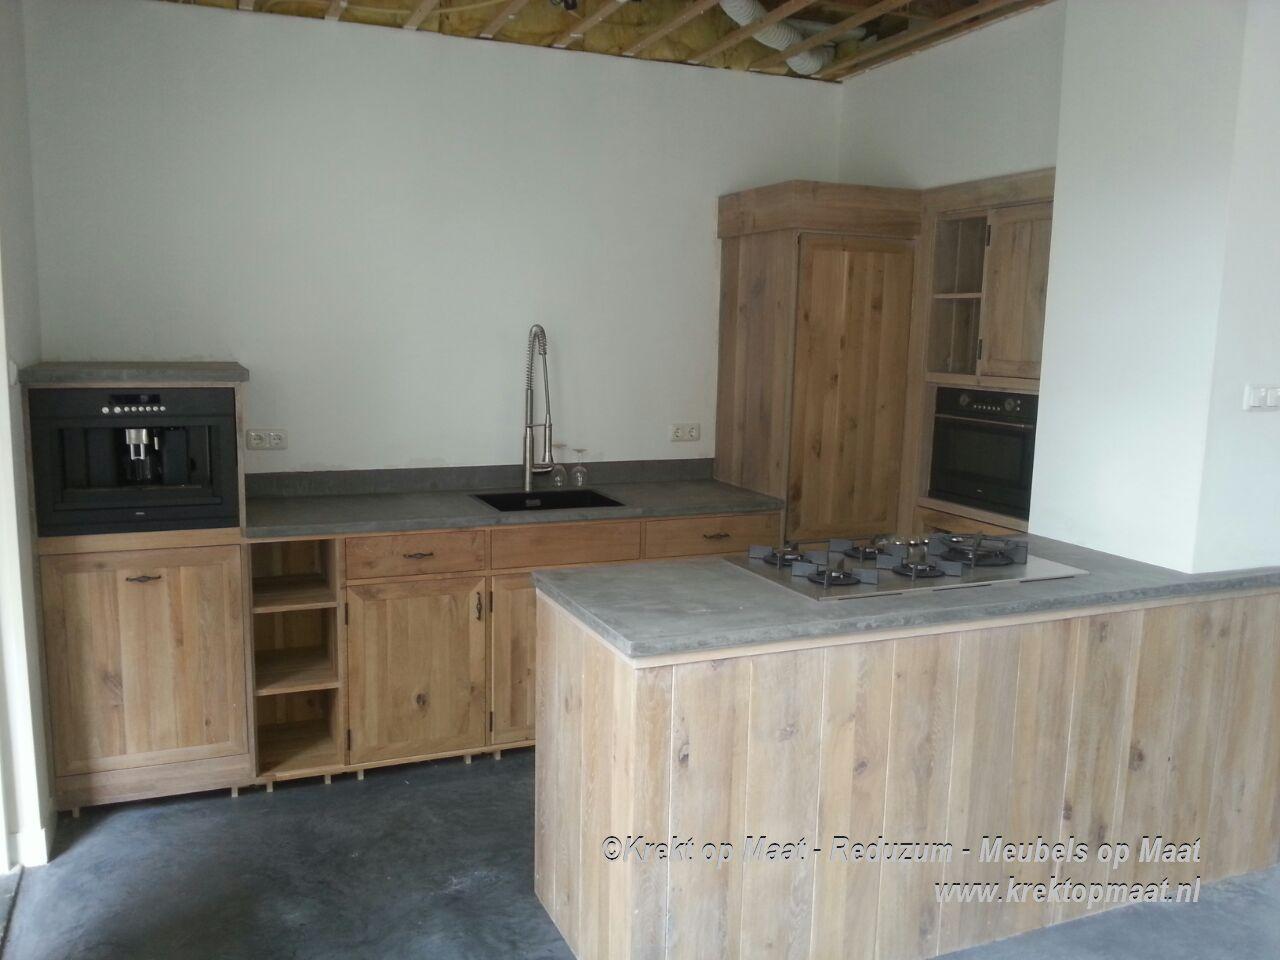 Werkblad op maat keuken landelijk modern op maat gemaakt met houten werkblad - Werkblad bo is op maat ...